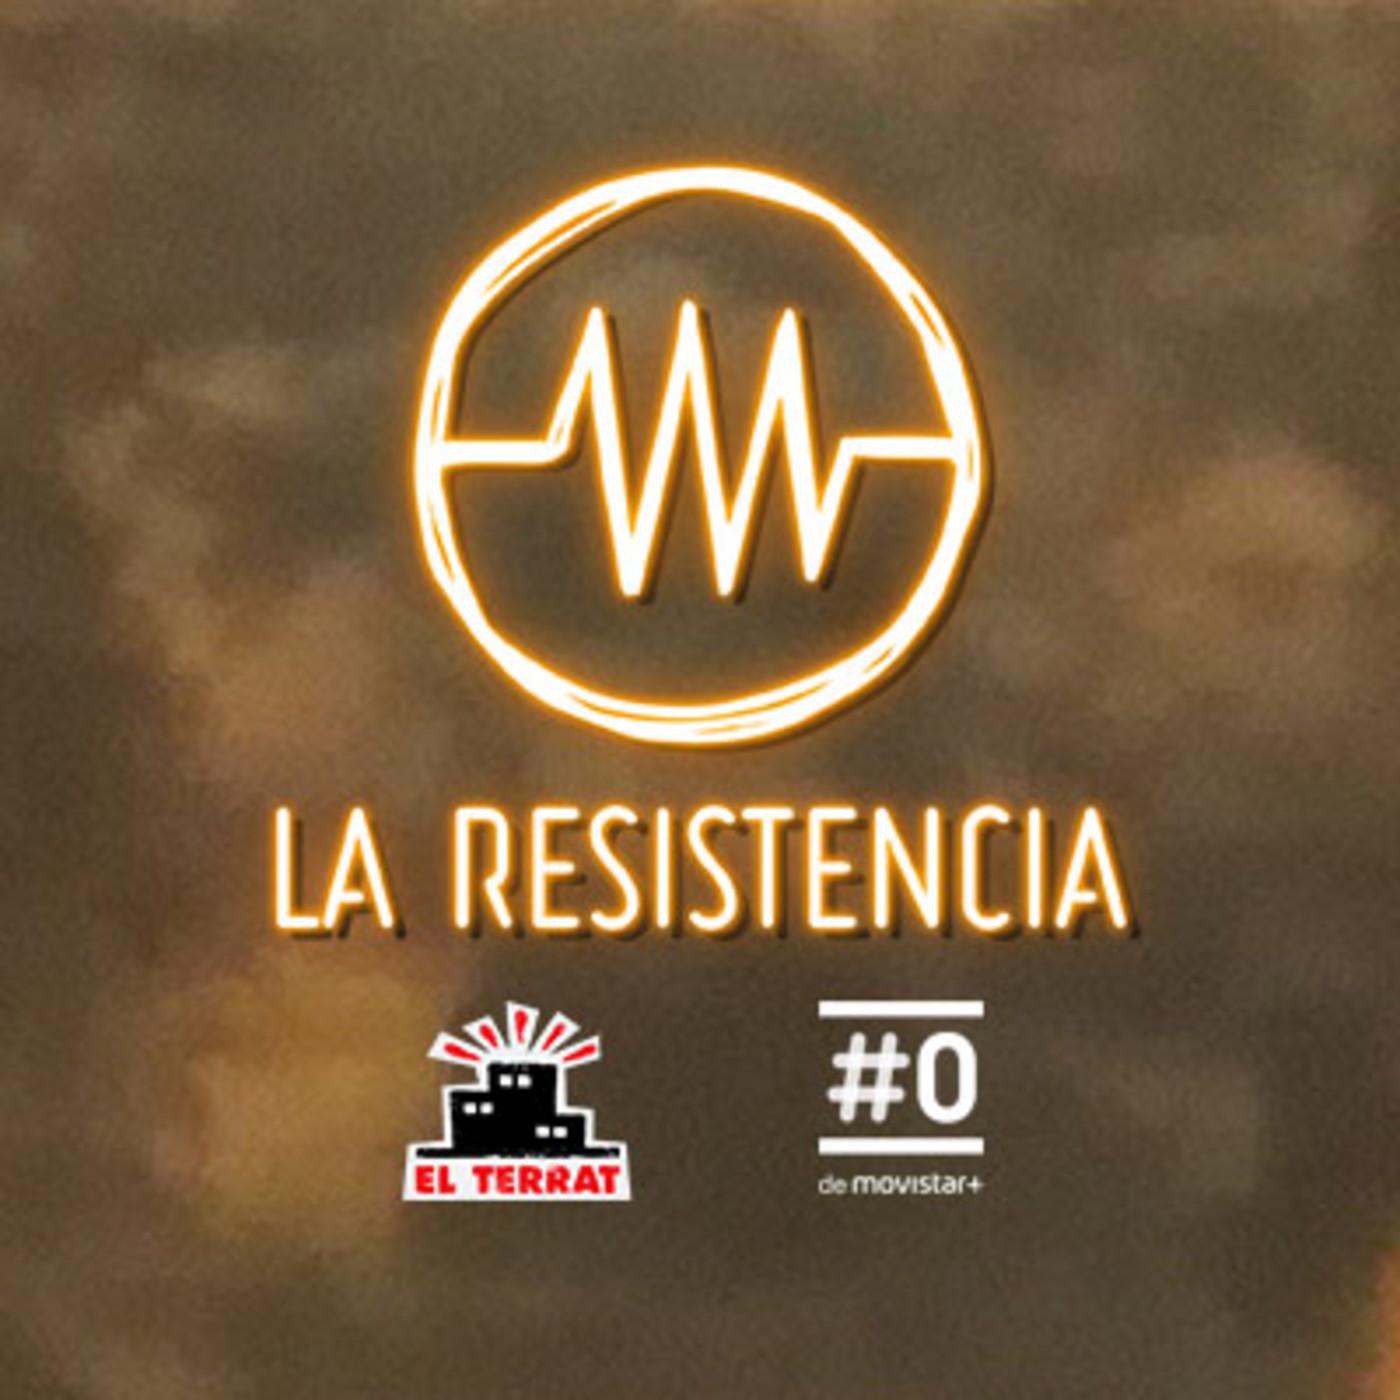 LA RESISTENCIA 2x66 - Programa completo